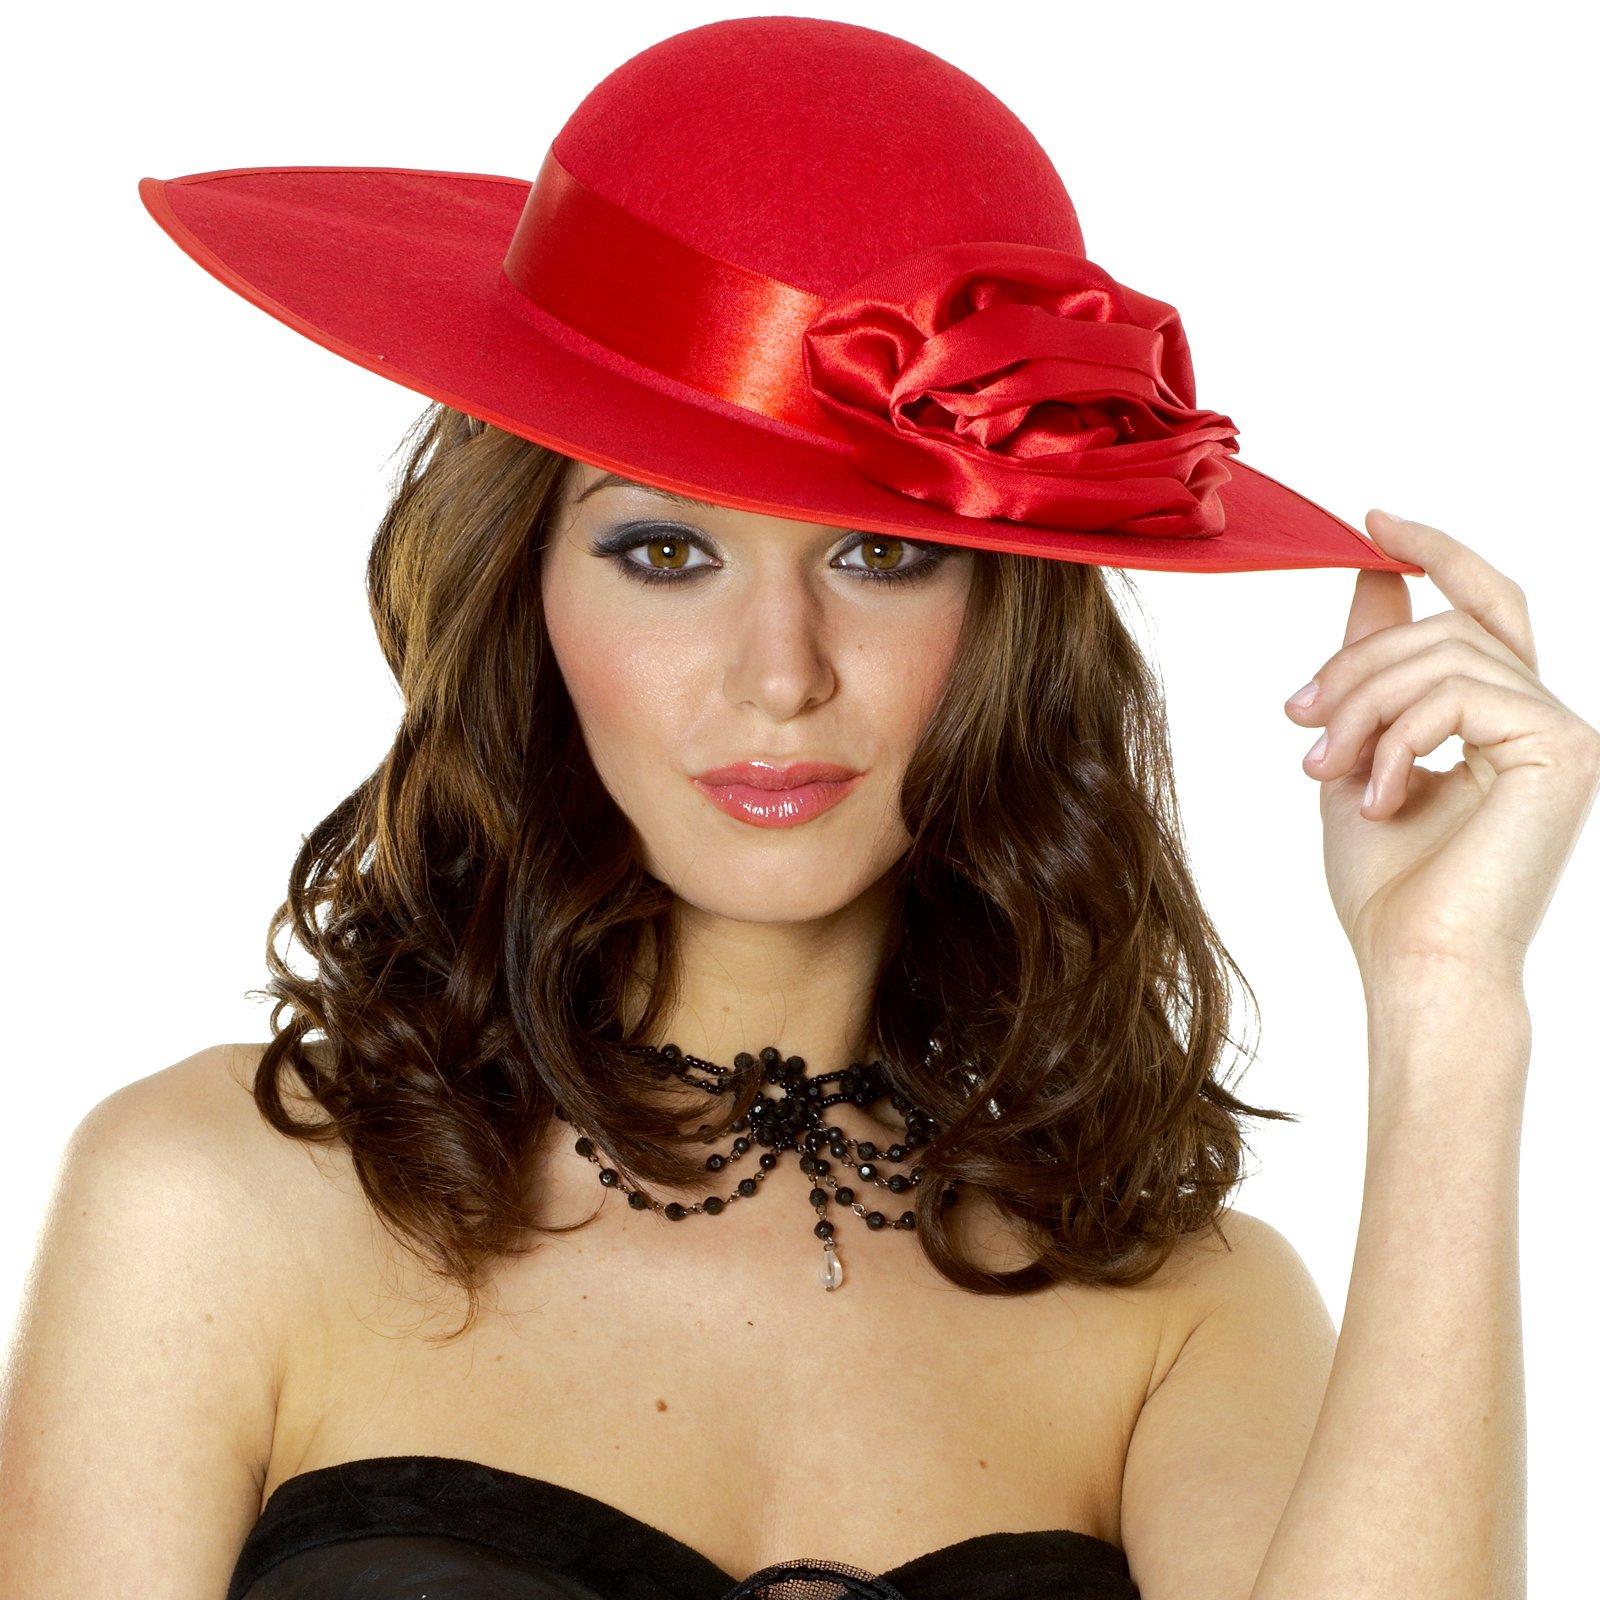 http://4.bp.blogspot.com/-JZ1jqcpeq1s/T1BKI9cCz2I/AAAAAAAABFQ/PxB2-FNQTpc/s1600/Ladies-Hats.jpg